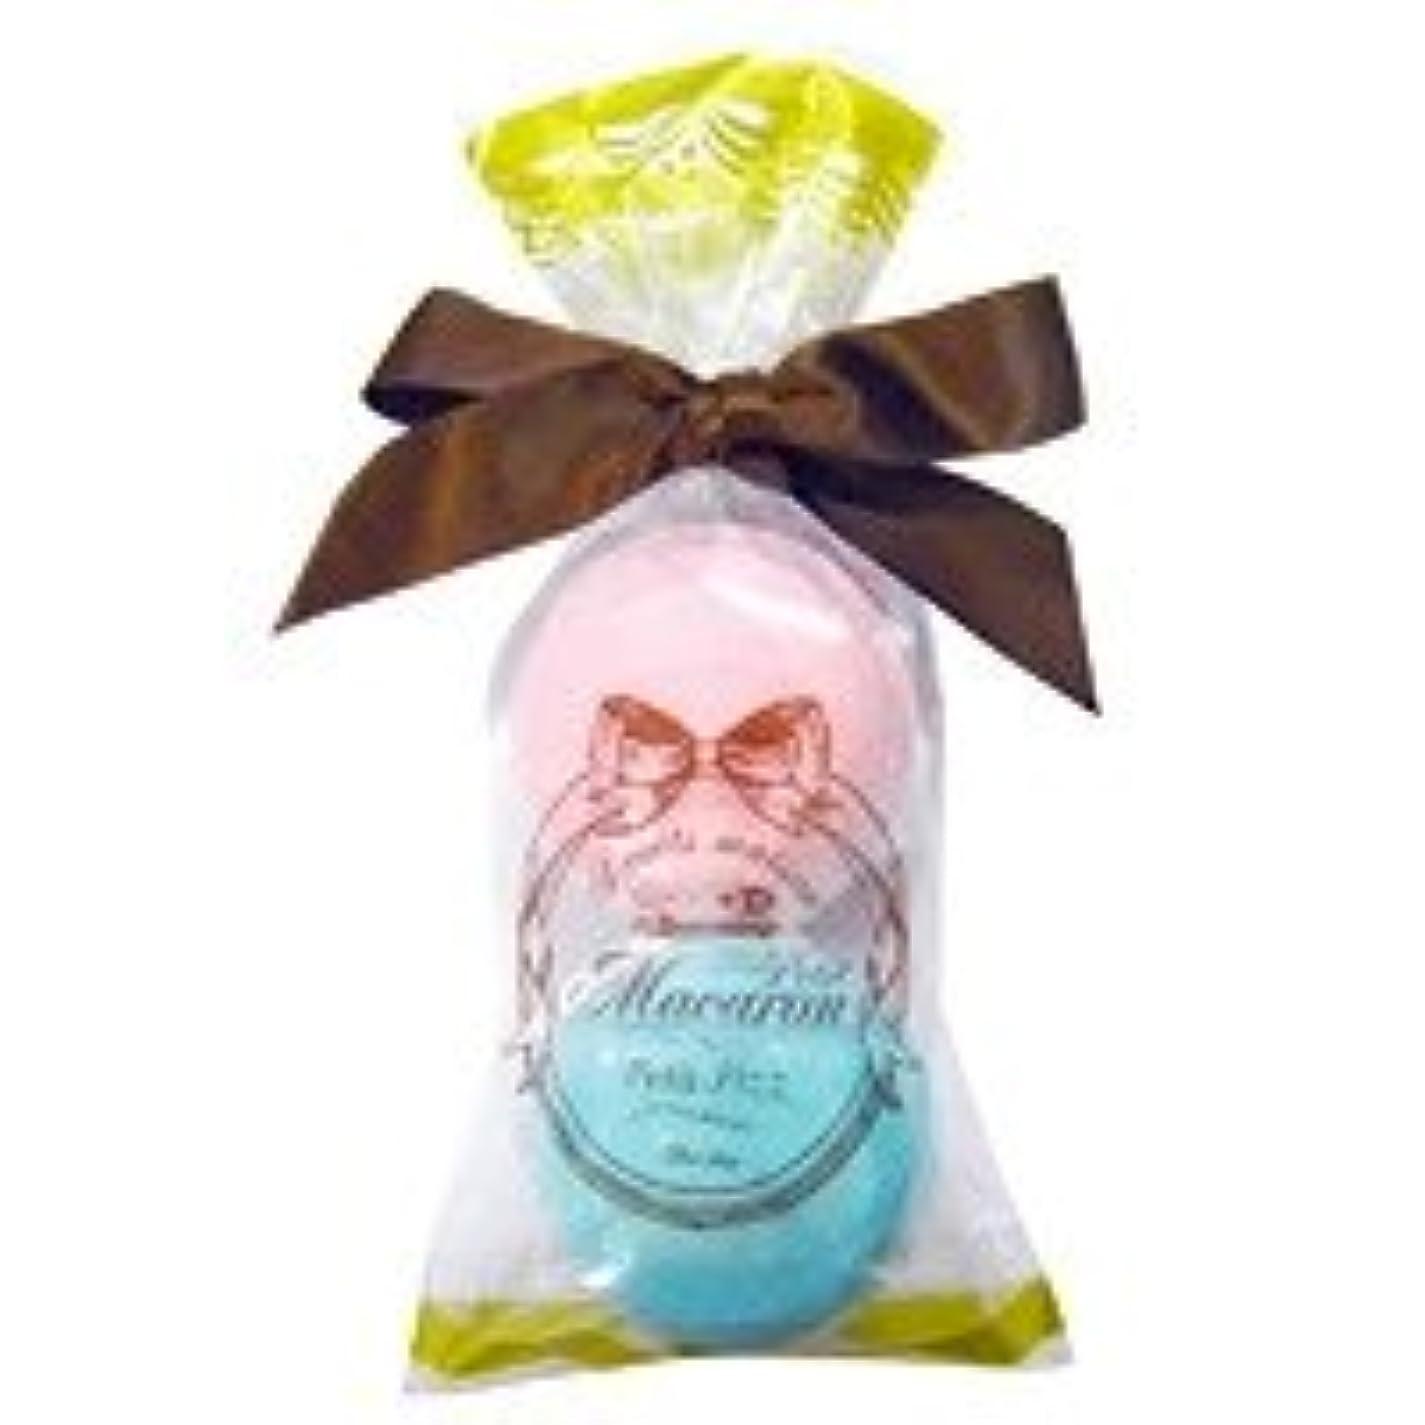 飲み込むお香漫画スウィーツメゾン プチマカロンミニセット「ピンク&ターコイズ」6個セット 甘酸っぱいラズベリーの香り&香り豊かなグリーンティの香り